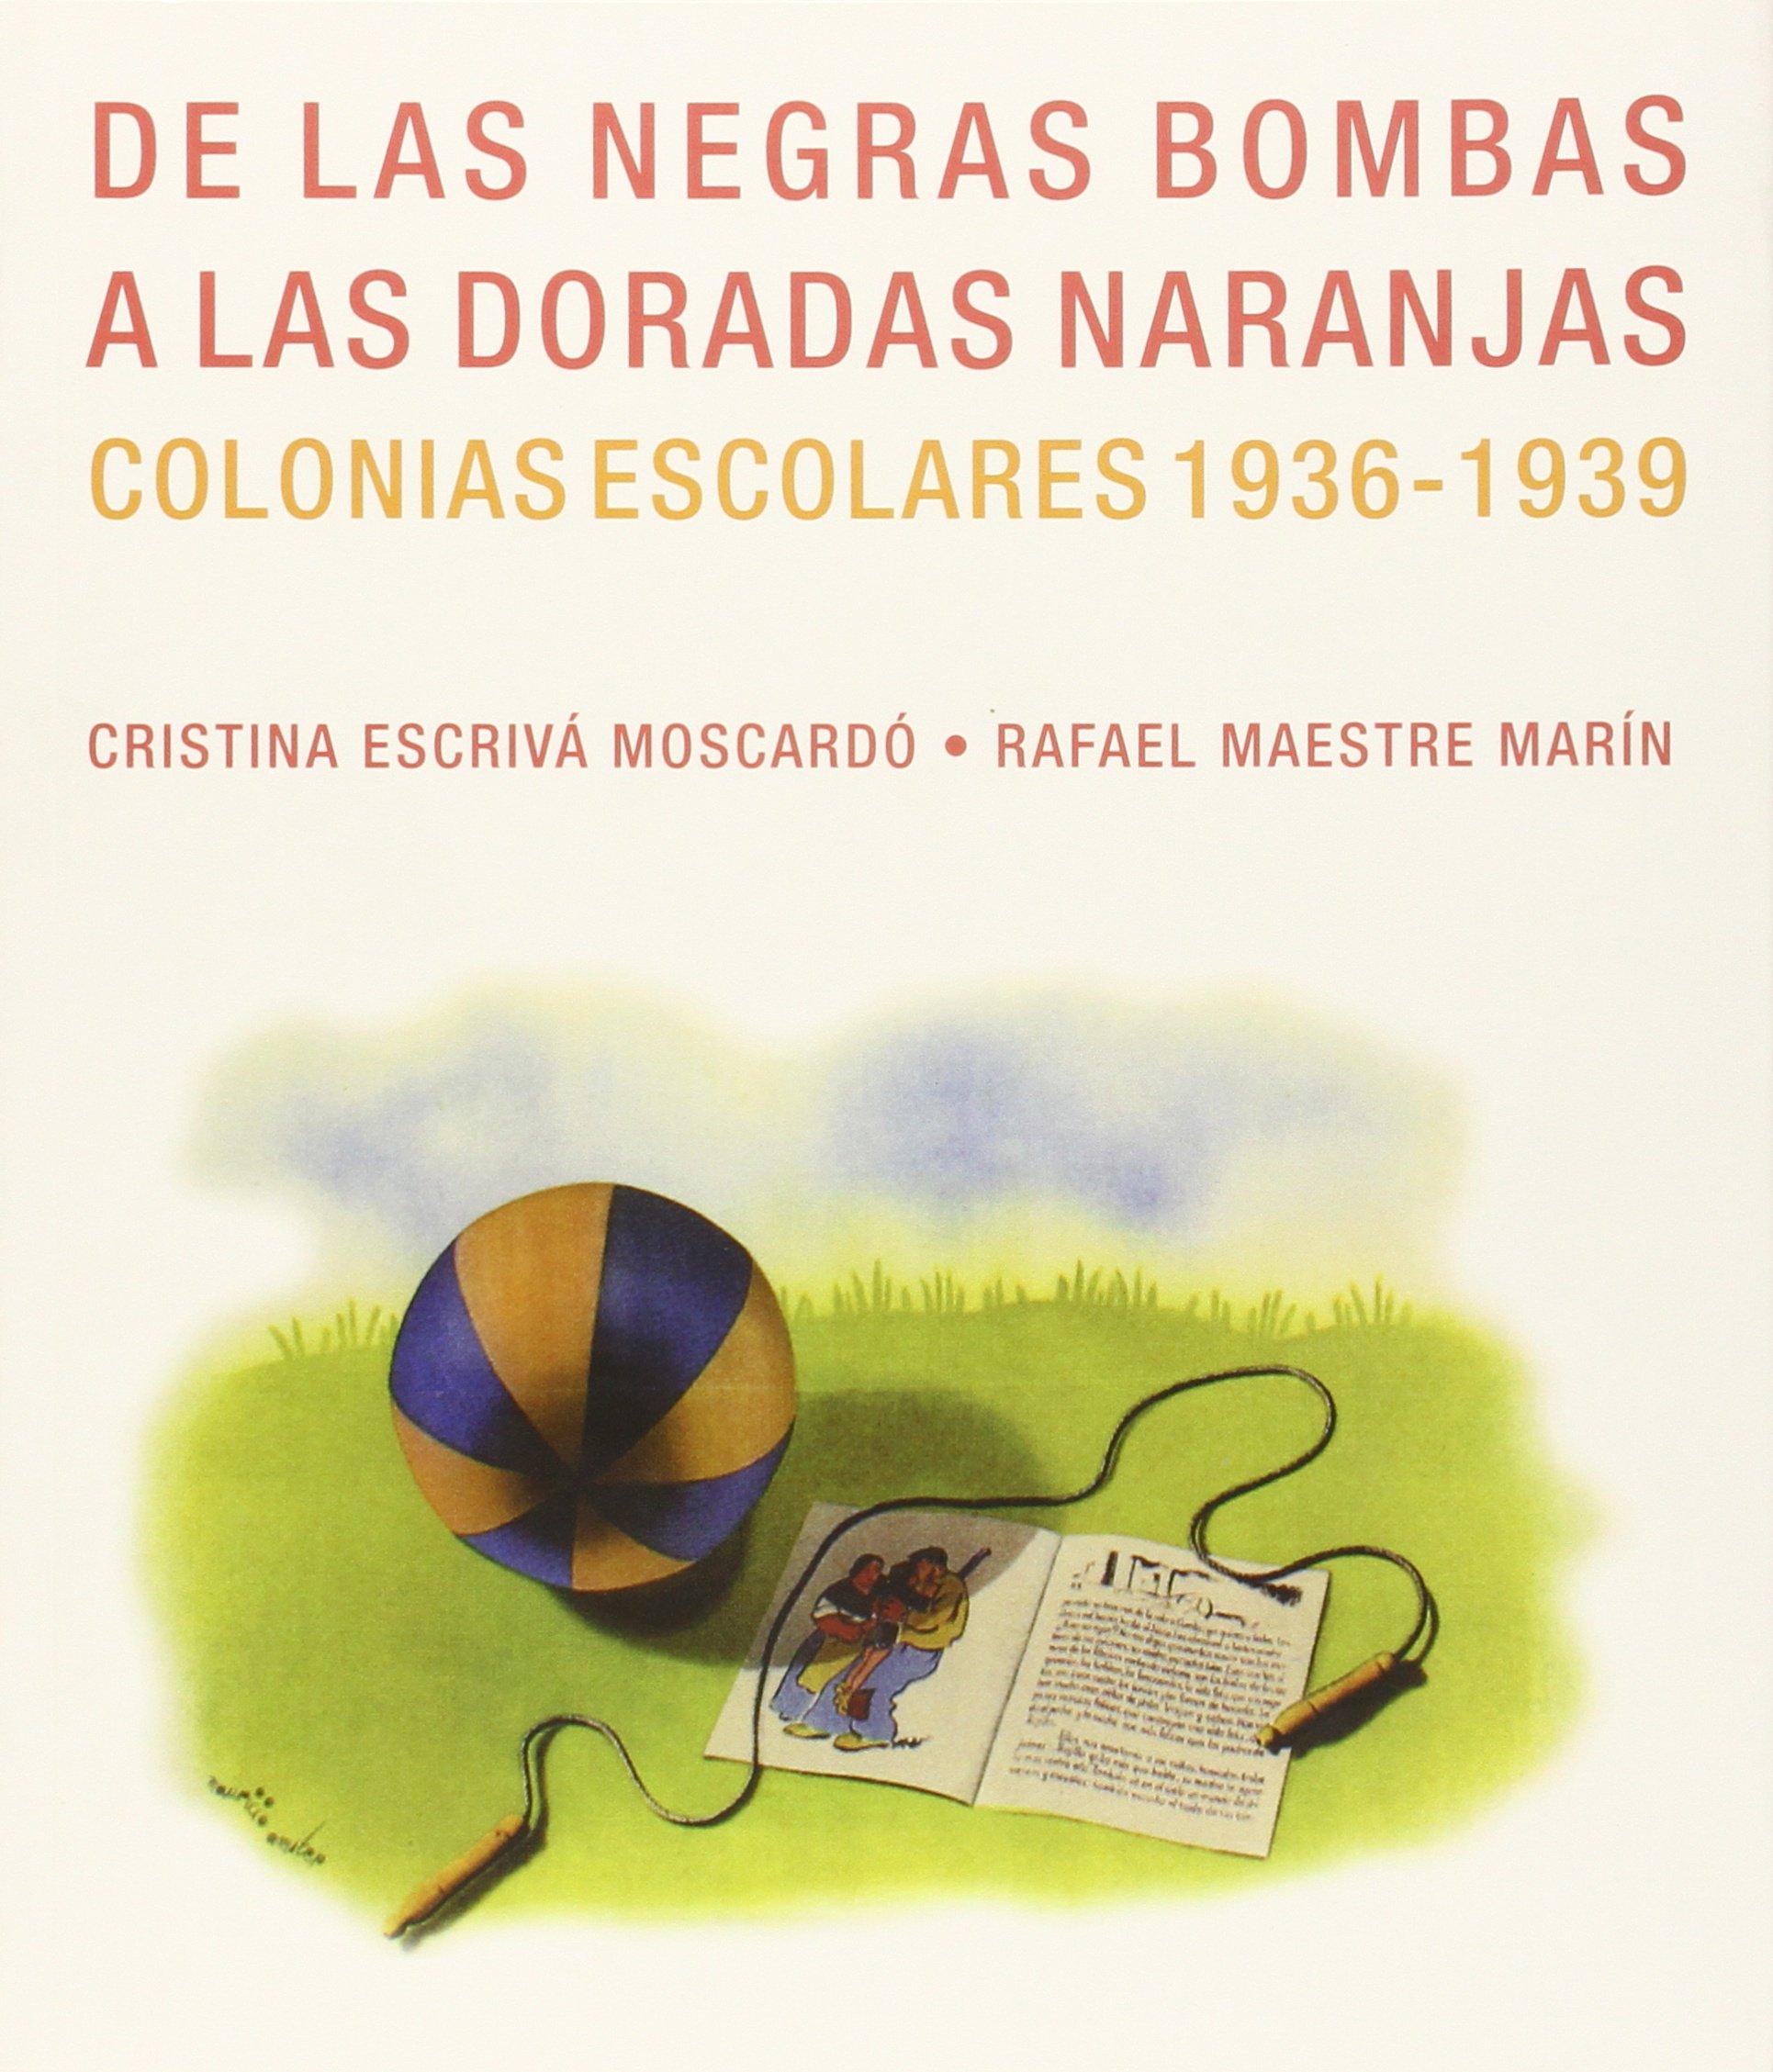 De Las Negras Bombas A Las Doradas Naranjas: Amazon.es: Cristina Escrivá Moscardó: Libros